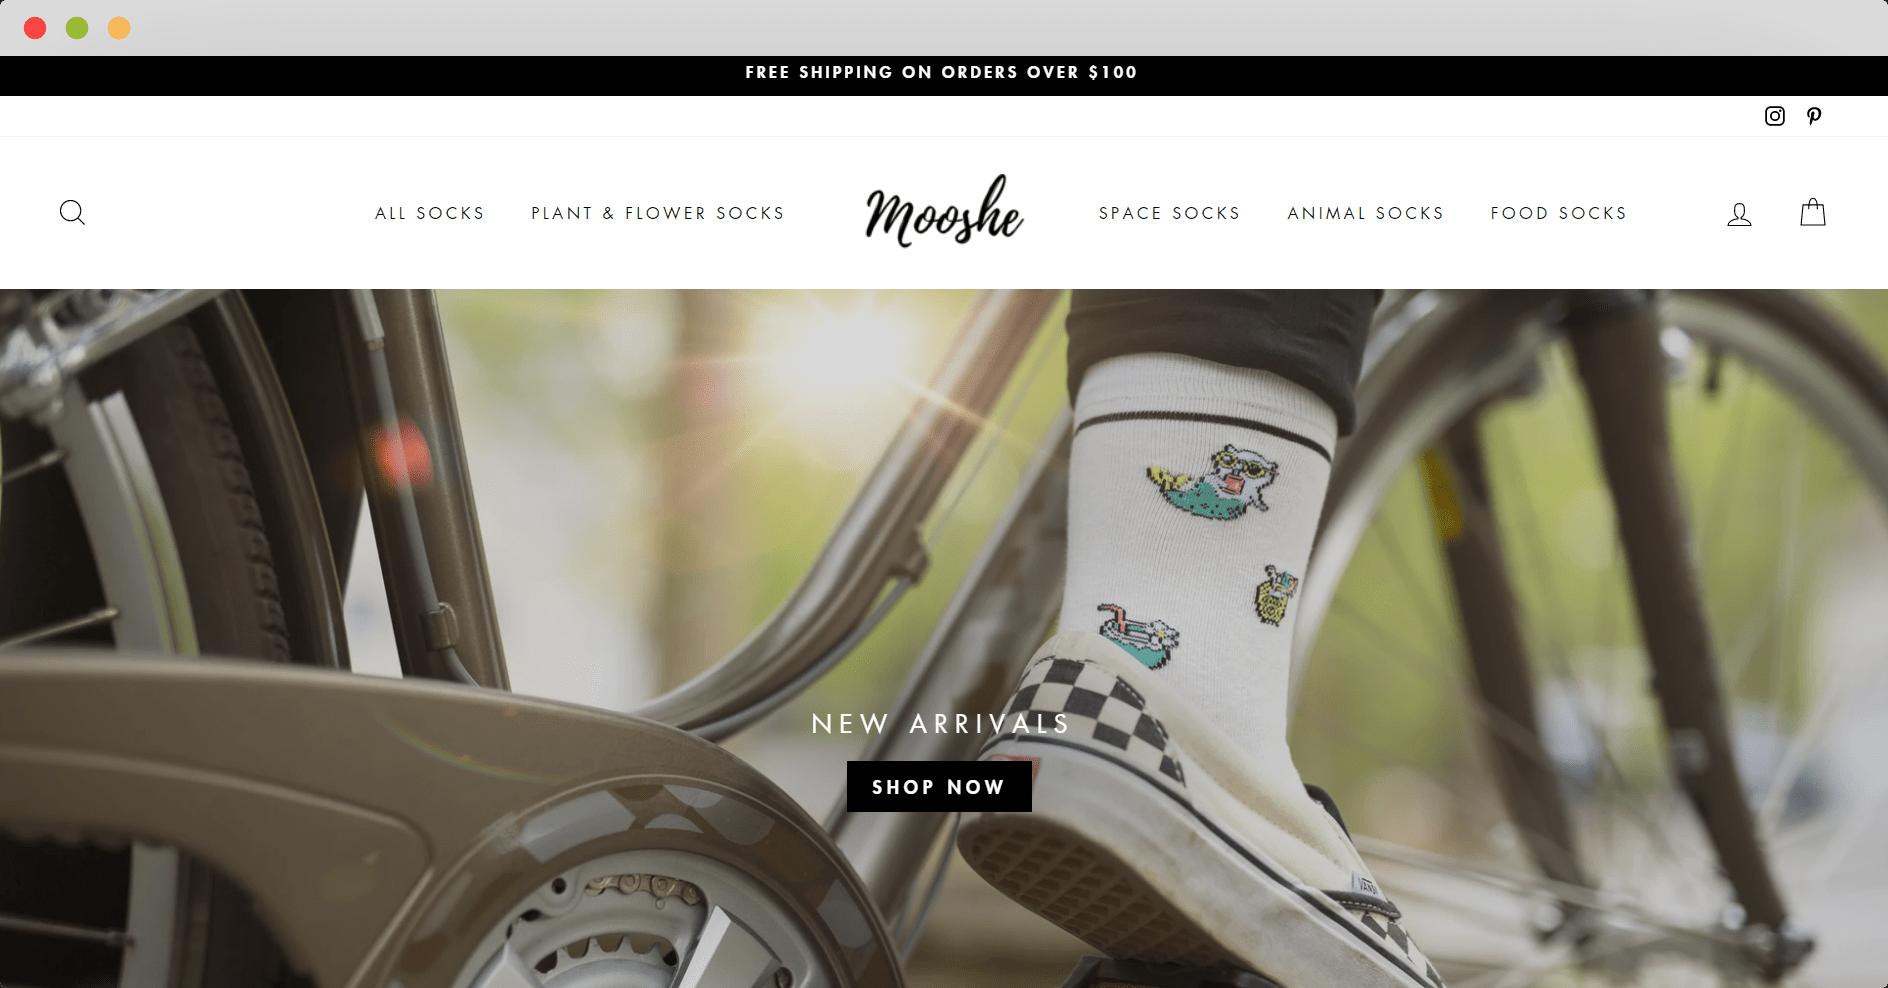 Mooshe Socks